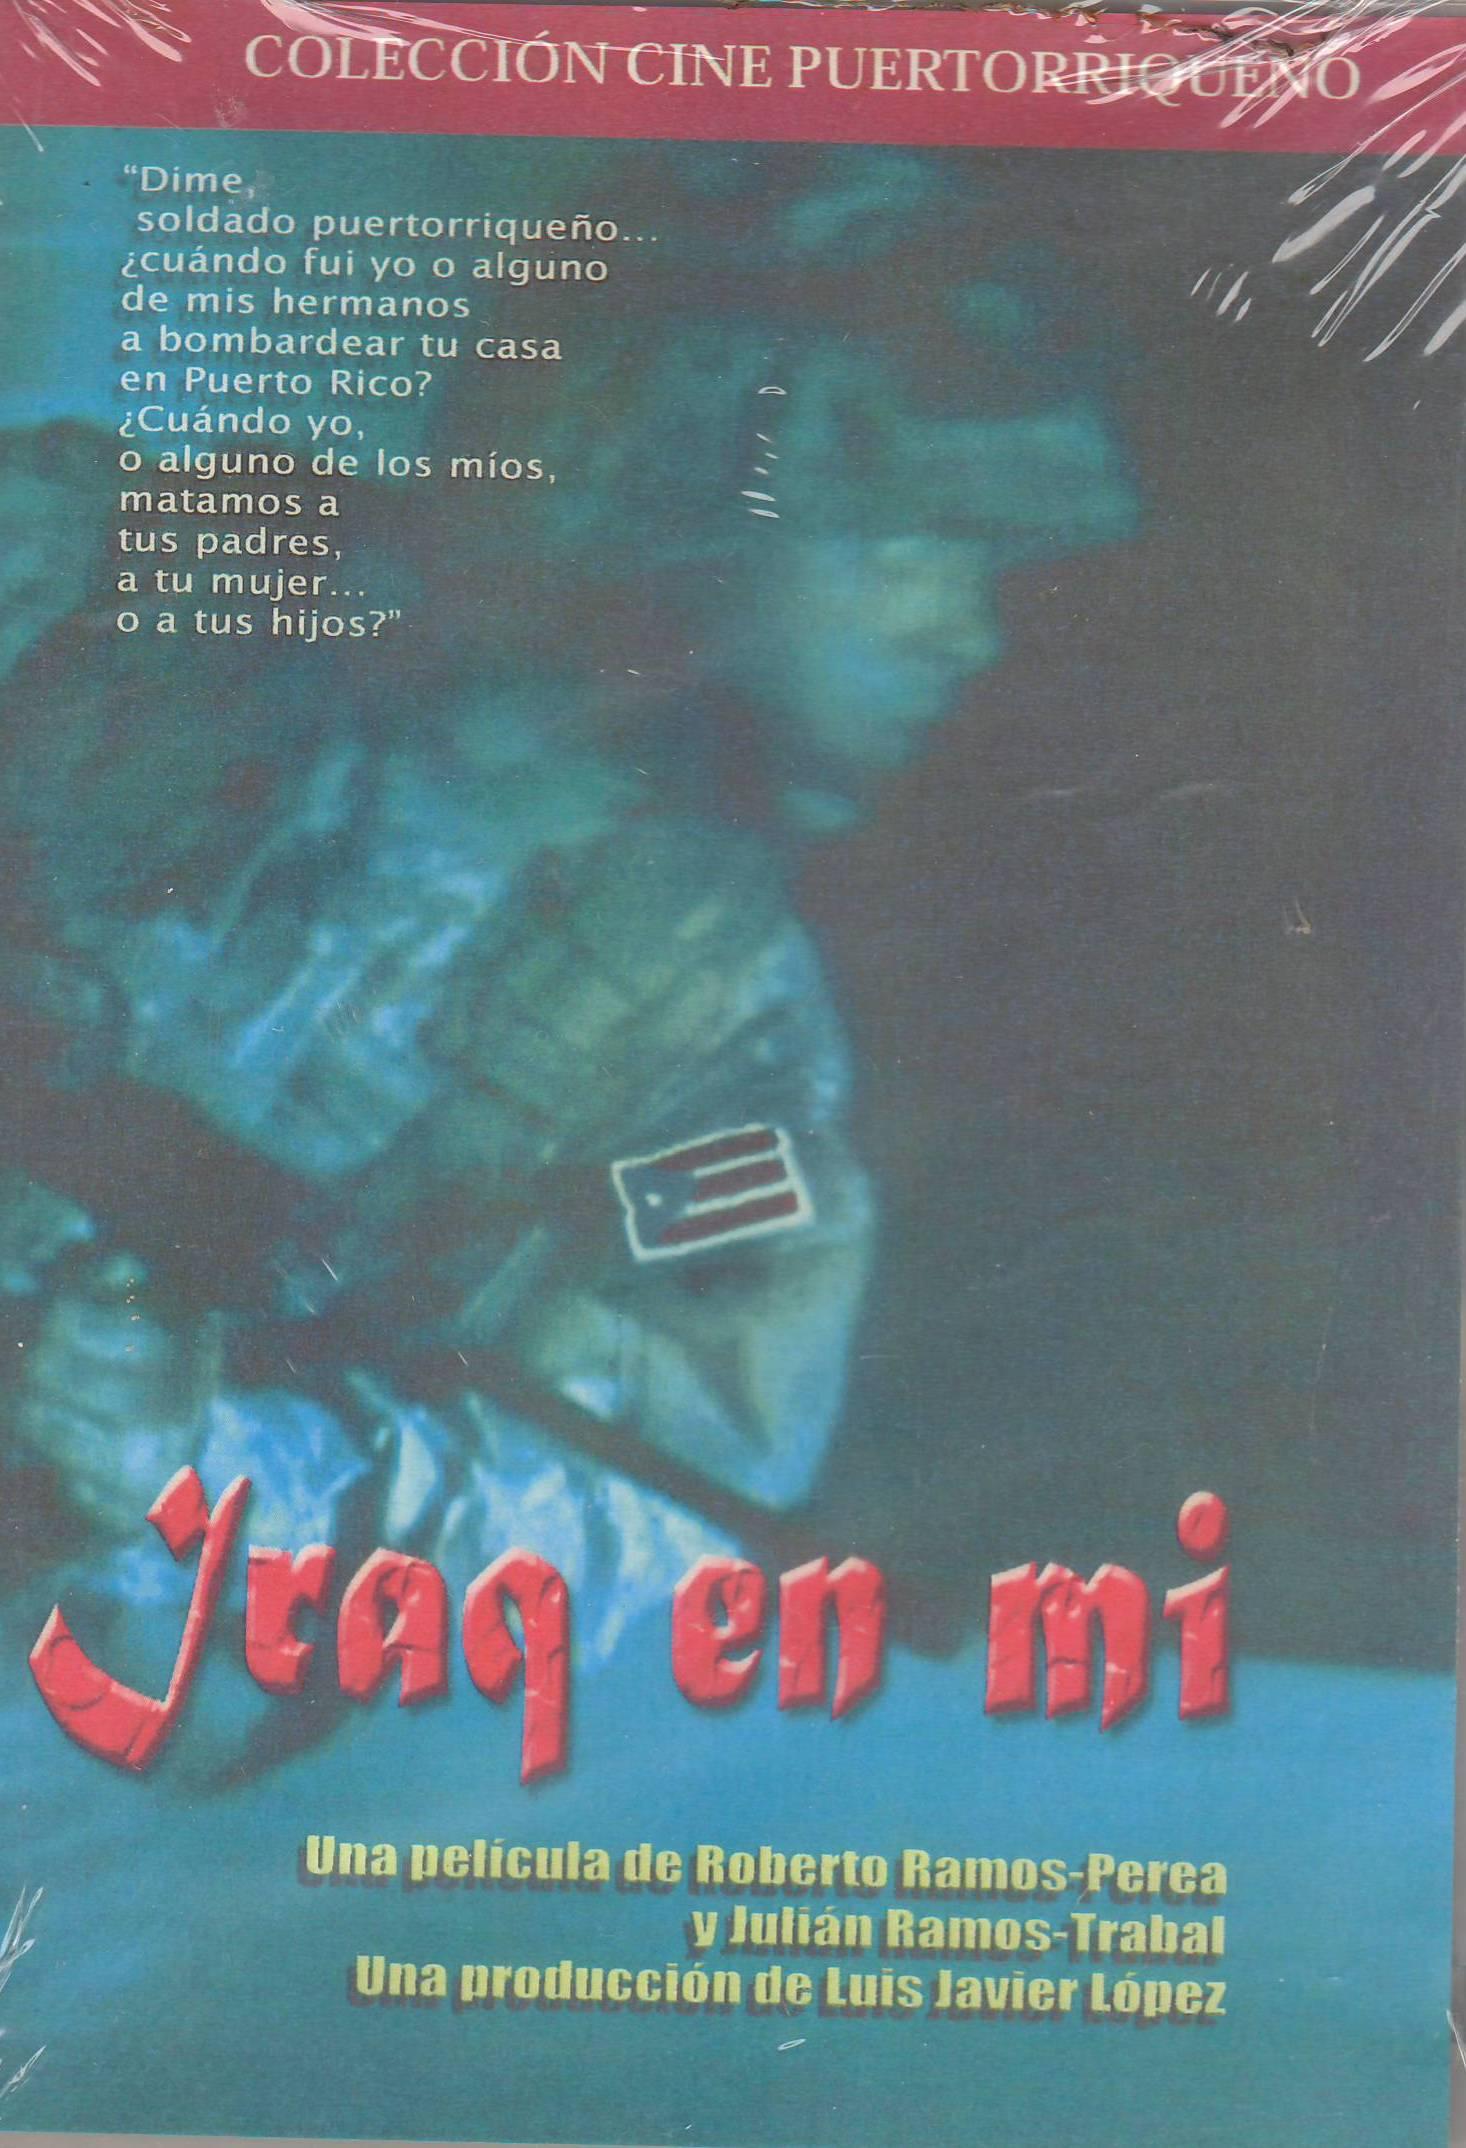 """El actor trabajó en la película """"Iraq en mí"""" de Roberto Ramos-Perea."""